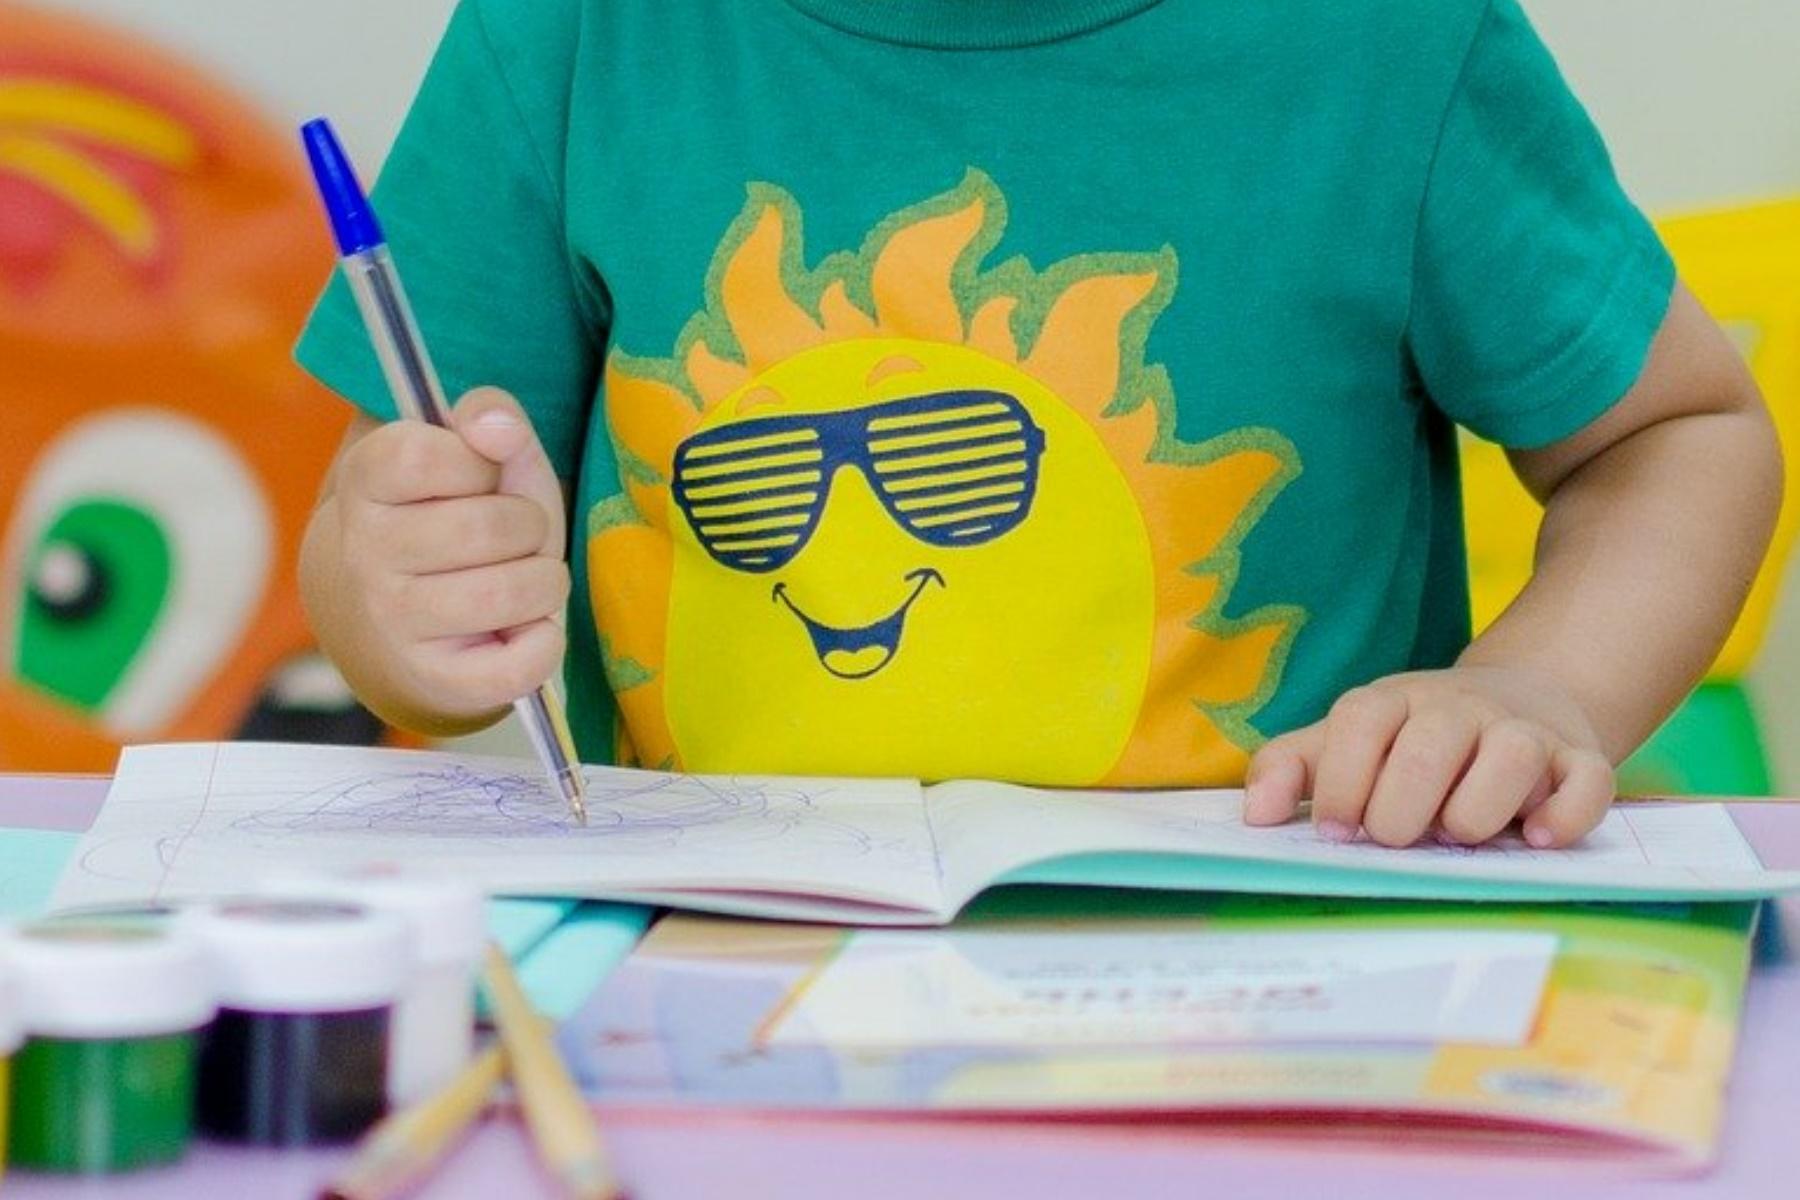 Beschlussantrag | Autonome öffentliche Kinderbetreuung bis zum Herbst 2020